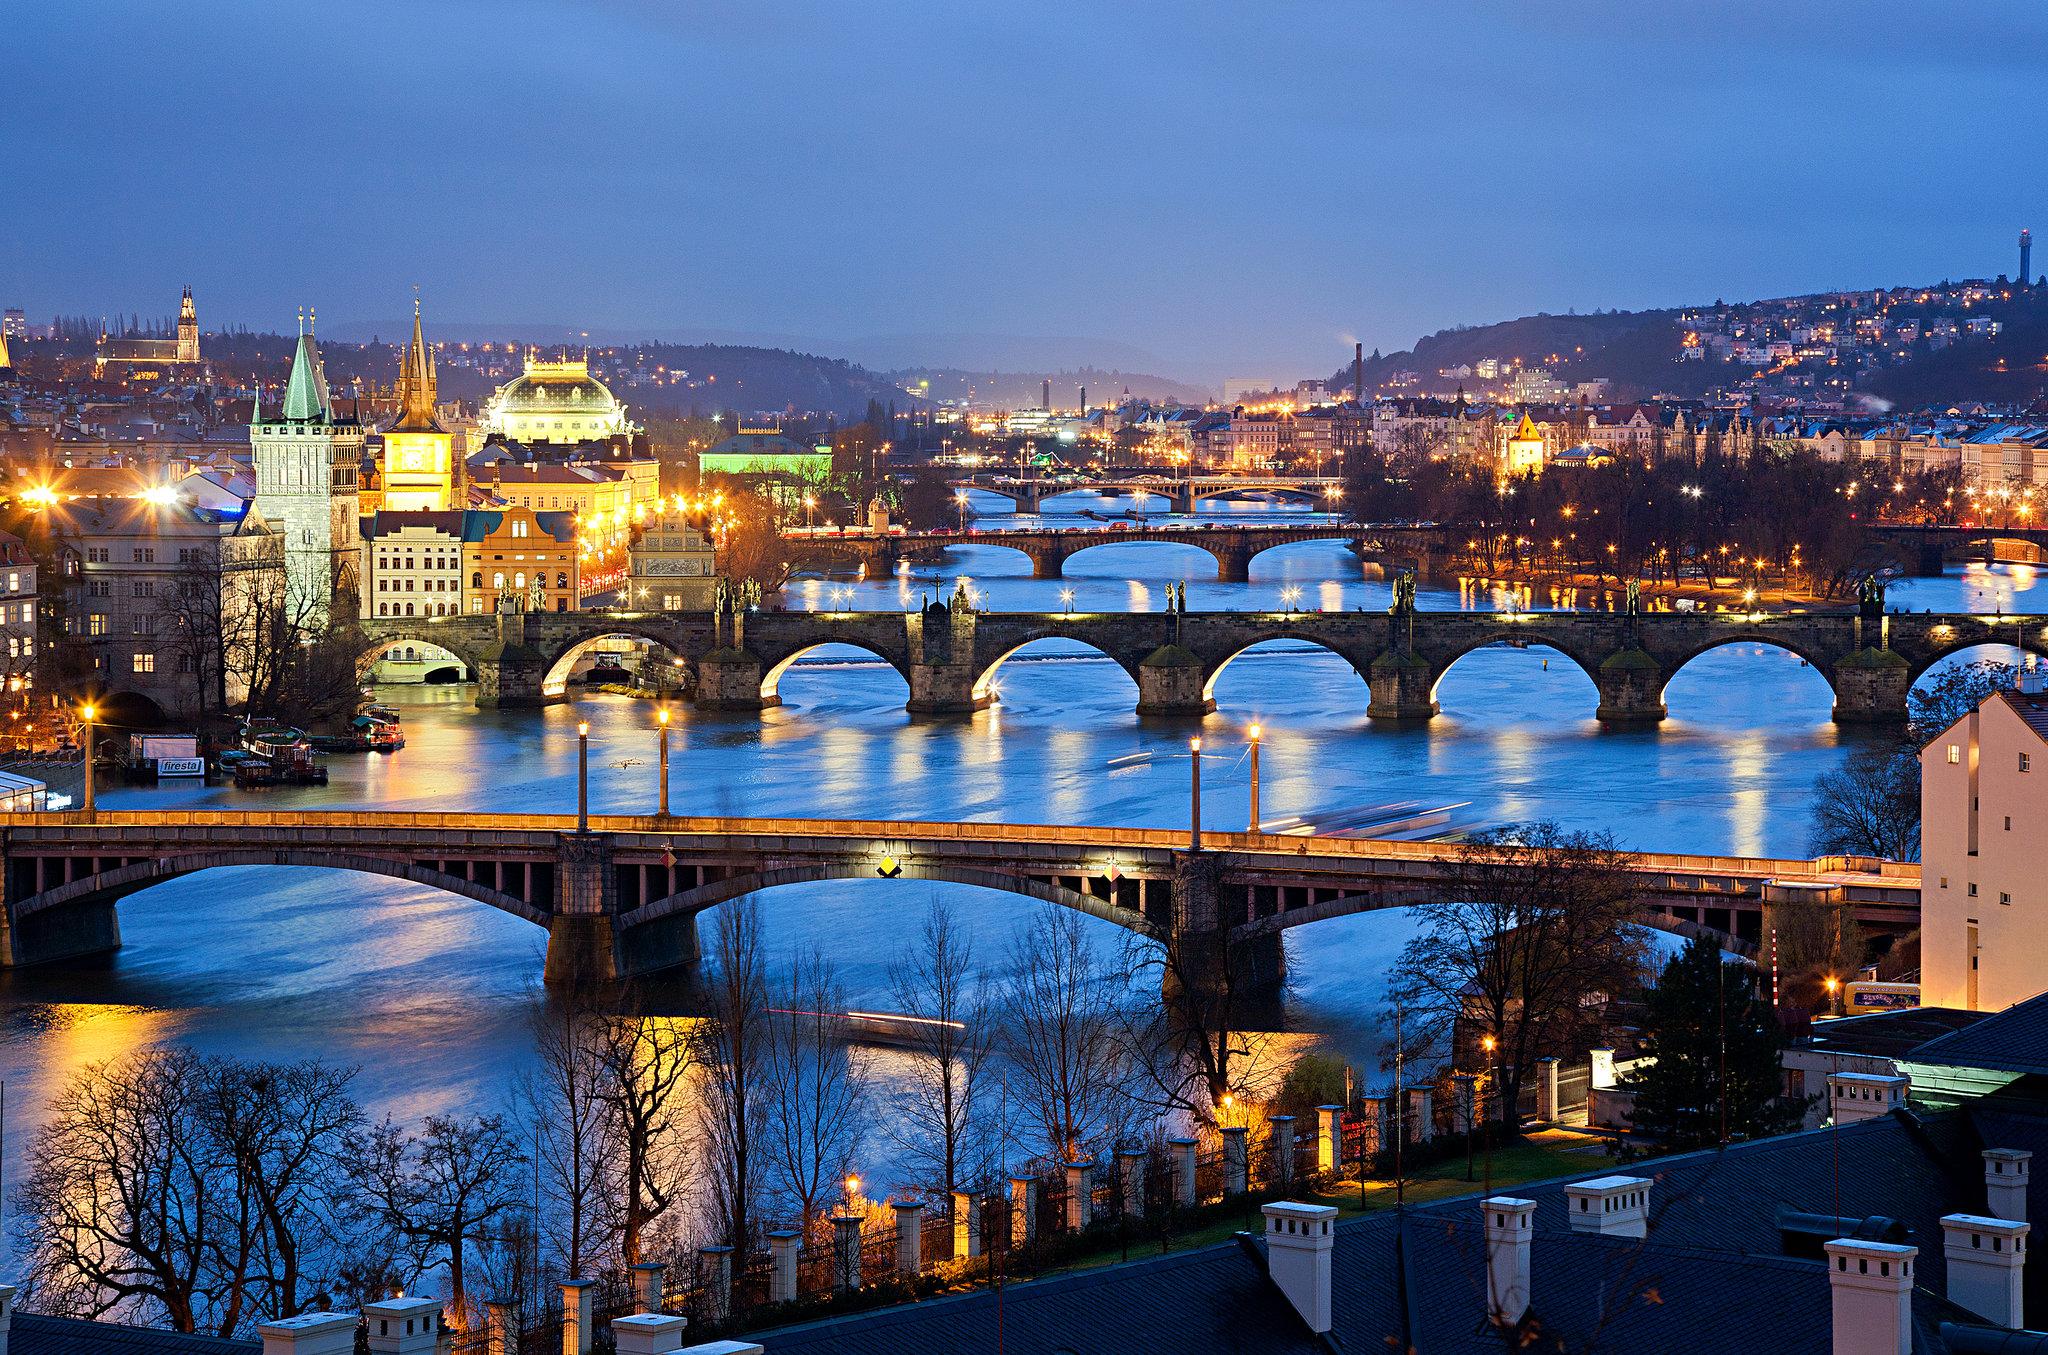 029 - Prague - Czech Republic